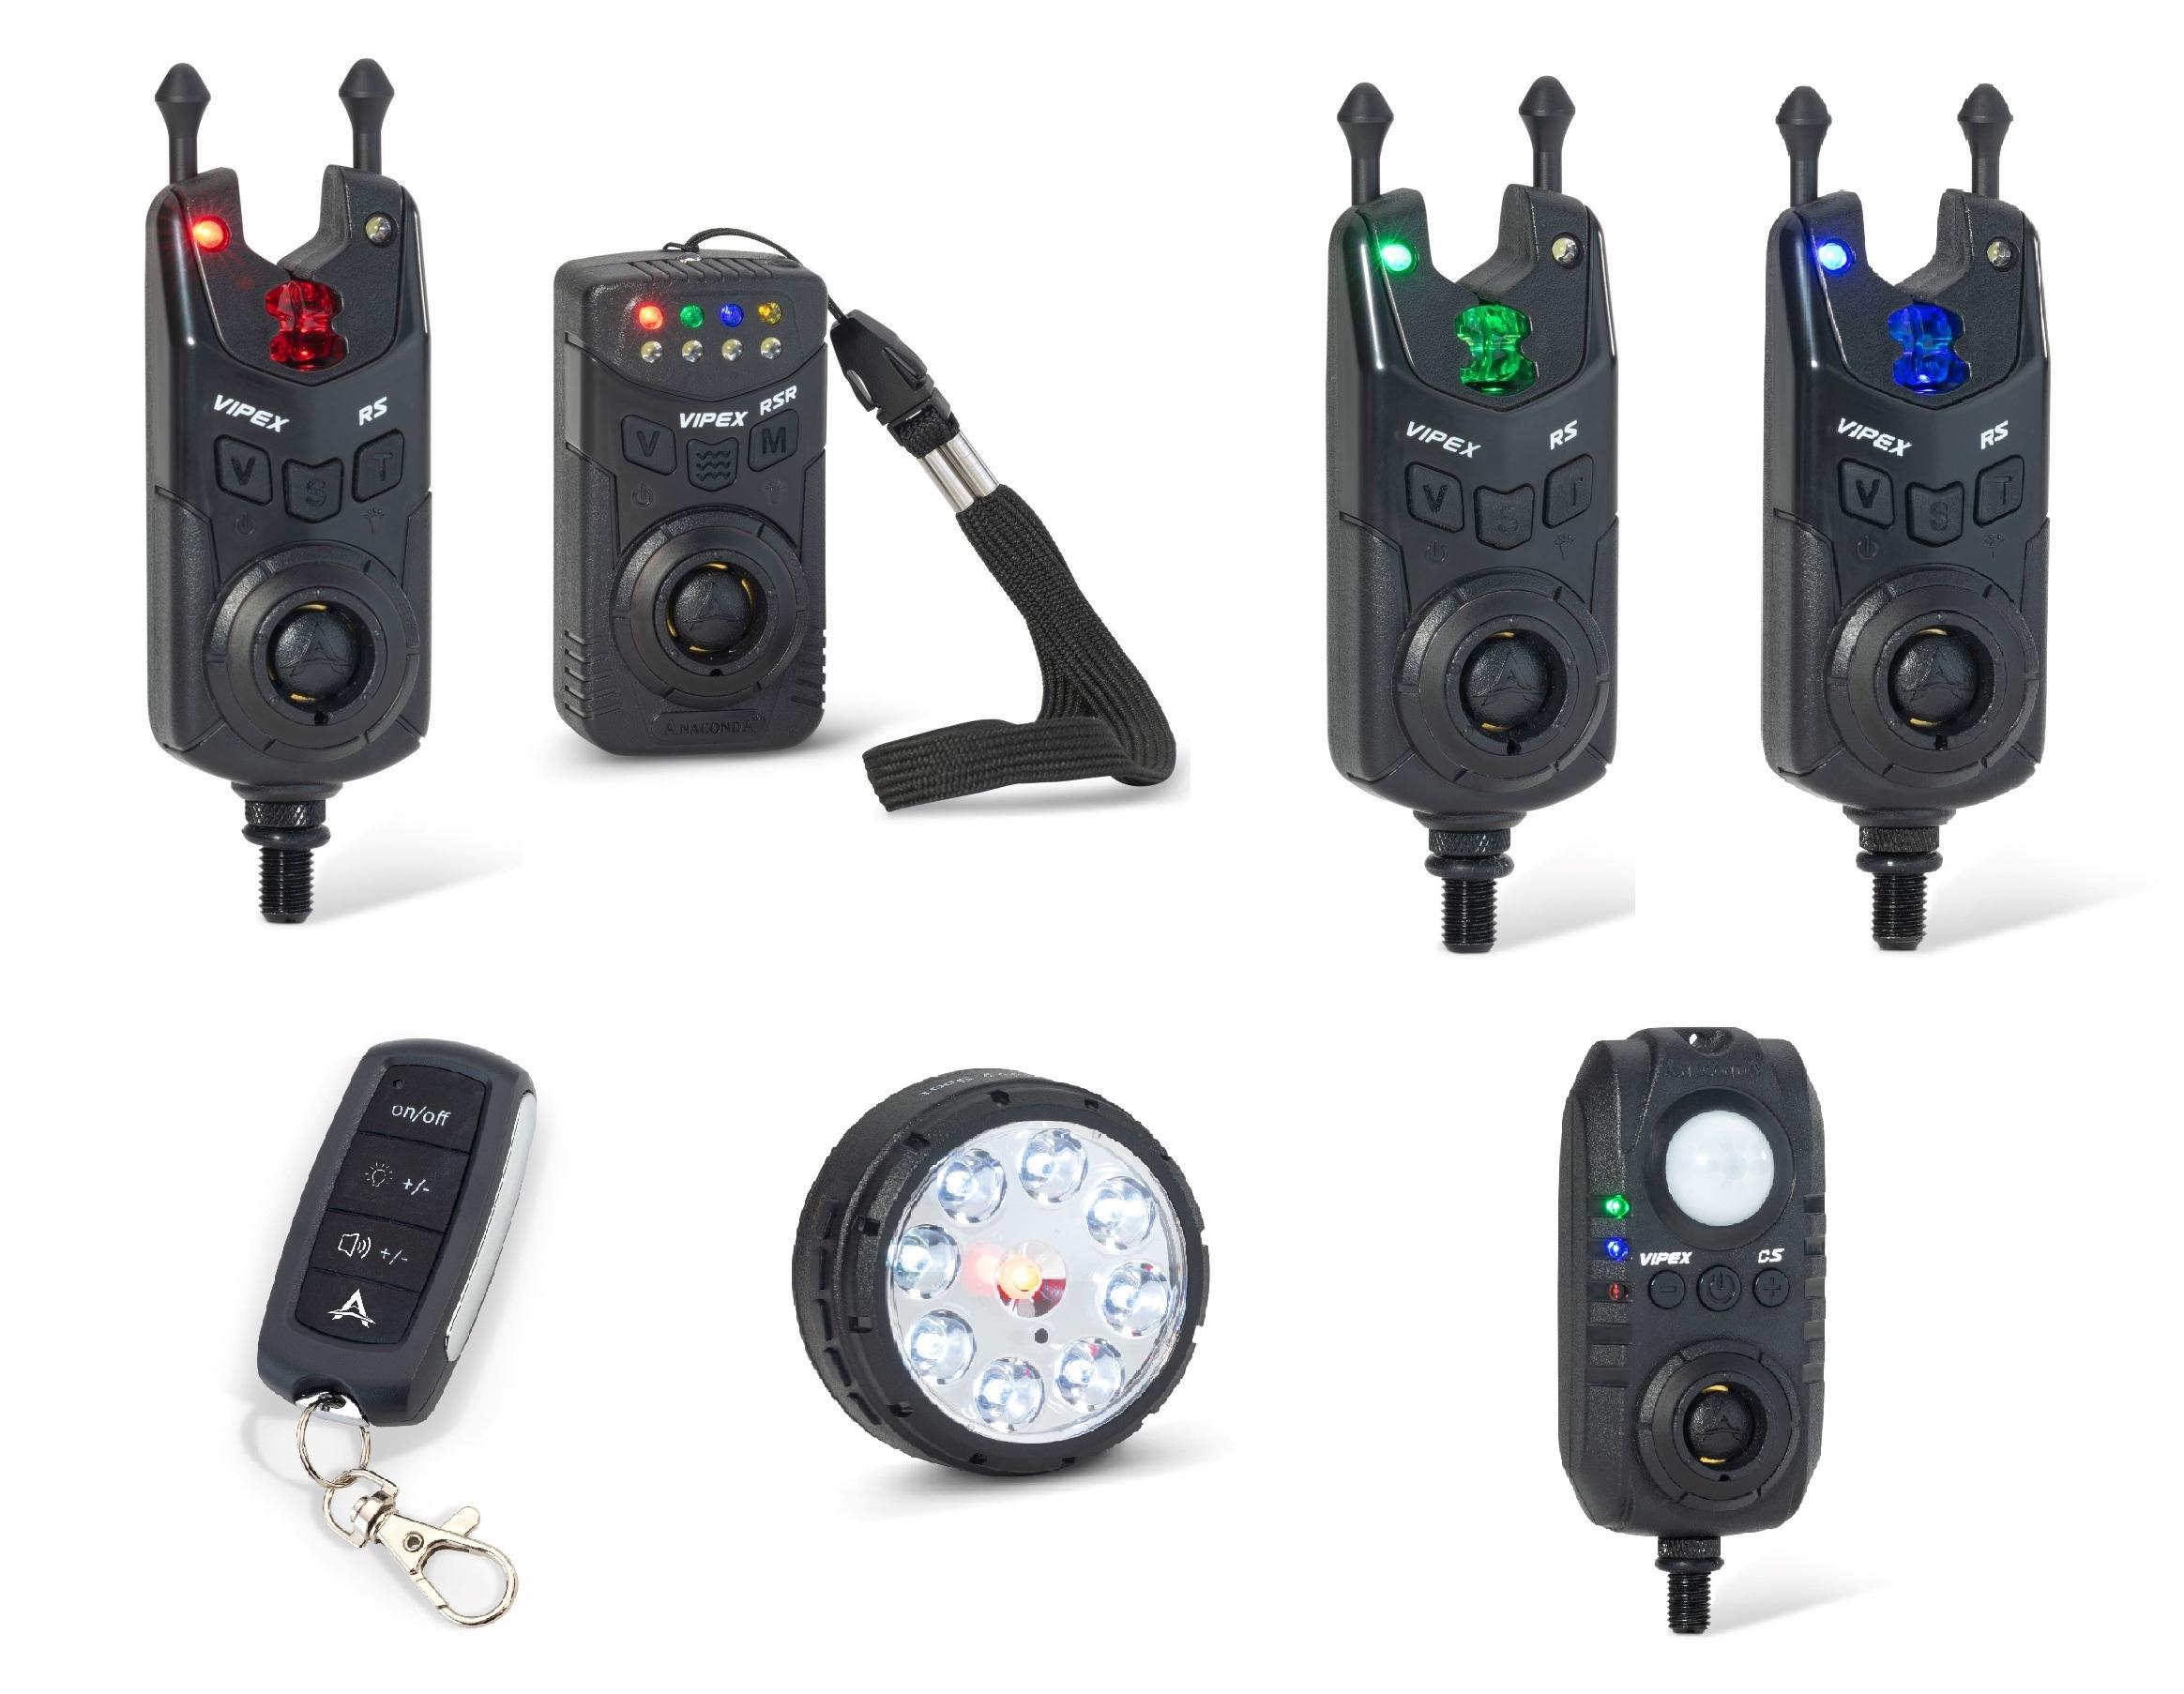 Anaconda sada 3 hlásičů s příposlechem, čidlem pohybu, světlem a dálkovým ovládáním Vipex RS profi set (červená, zelená, modrá)